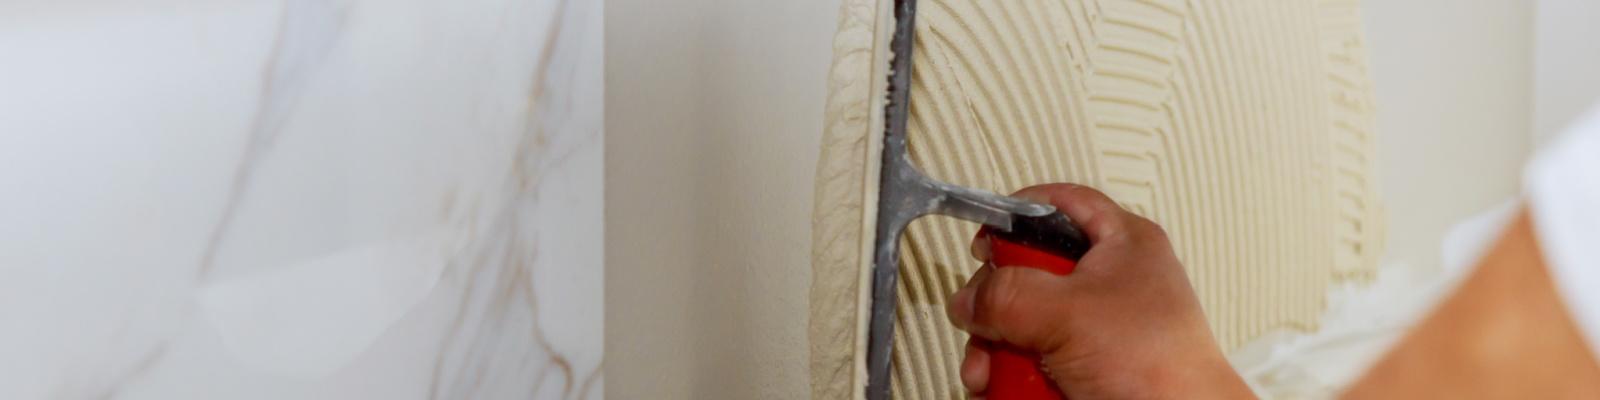 Wand- of vloertegels repareren